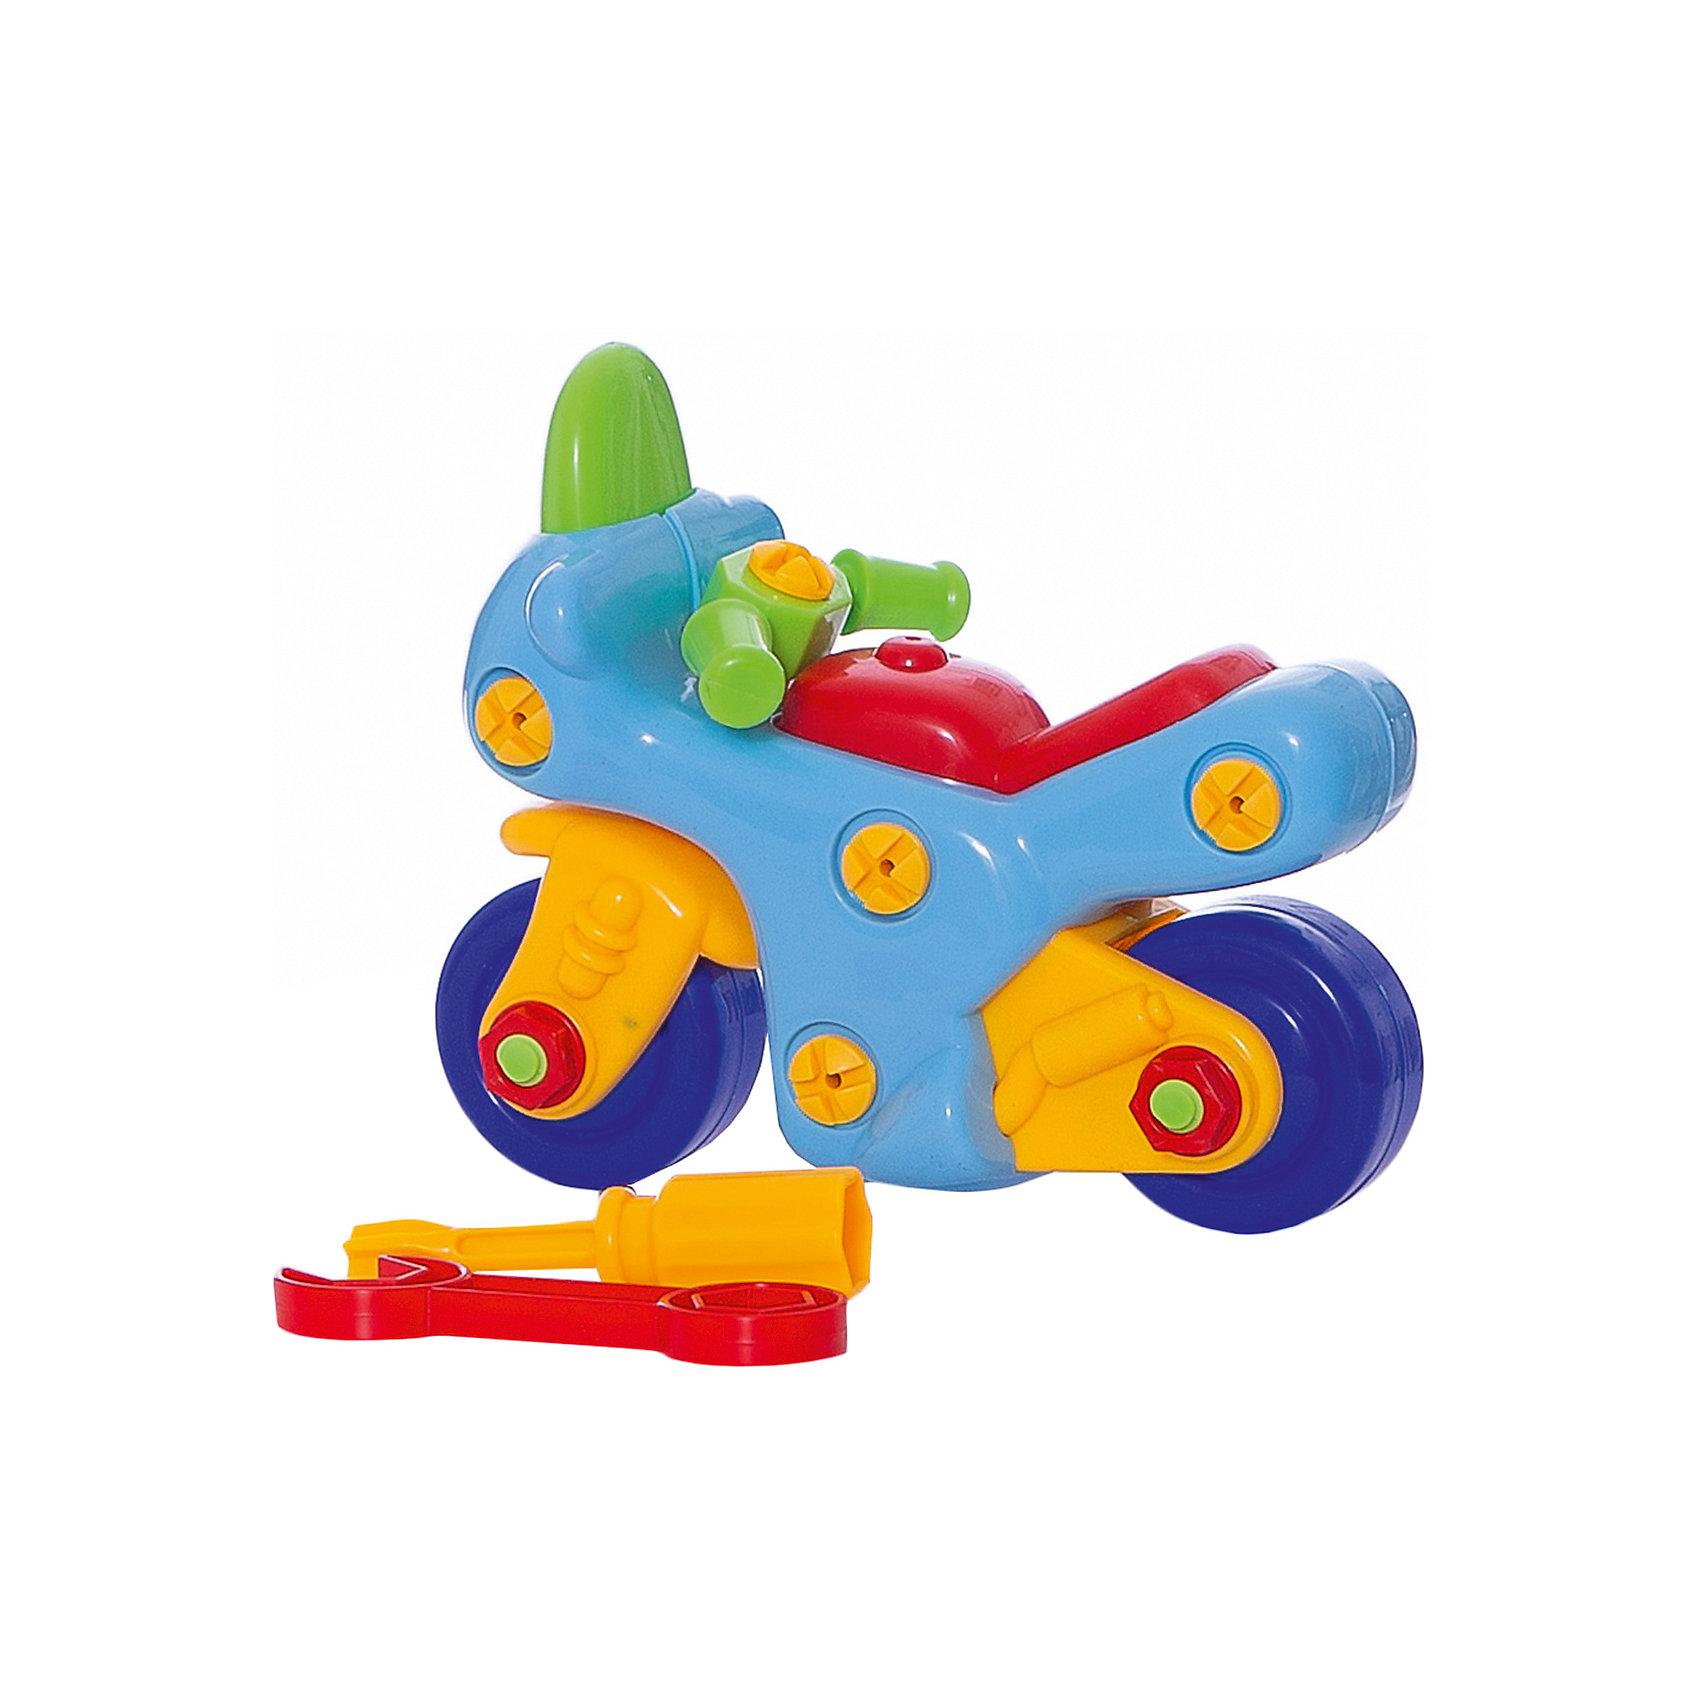 Конструктор Мотоцикл (с отверткой и ключом), KriblyBooКонструктор Мотоцикл (с отверткой и ключом), KriblyBoo (Крибли Бу).<br><br><br>Характеристики:<br><br>• яркие цвета<br>• безопасен для ребенка<br>• материал: пластик<br>• размер упаковки: 7х13х16 см<br>• вес: 260 грамм<br><br>Конструктор Мотоцикл станет прекрасным подарком начинающим строителям. В процессе игры ребенку предстоит собрать (или даже разобрать) красочный мотоцикл с помощью отвертки и ключа. Такая игра хорошо развивает усидчивость и мелкую моторику. Маленький механик с гордостью похвастается собранным мотоциклом!<br><br>Конструктор Мотоцикл (с отверткой и ключом), KriblyBoo (Крибли Бу) вы можете купить в нашем интернет-магазине.<br><br>Ширина мм: 160<br>Глубина мм: 130<br>Высота мм: 70<br>Вес г: 260<br>Возраст от месяцев: 36<br>Возраст до месяцев: 120<br>Пол: Мужской<br>Возраст: Детский<br>SKU: 5017665